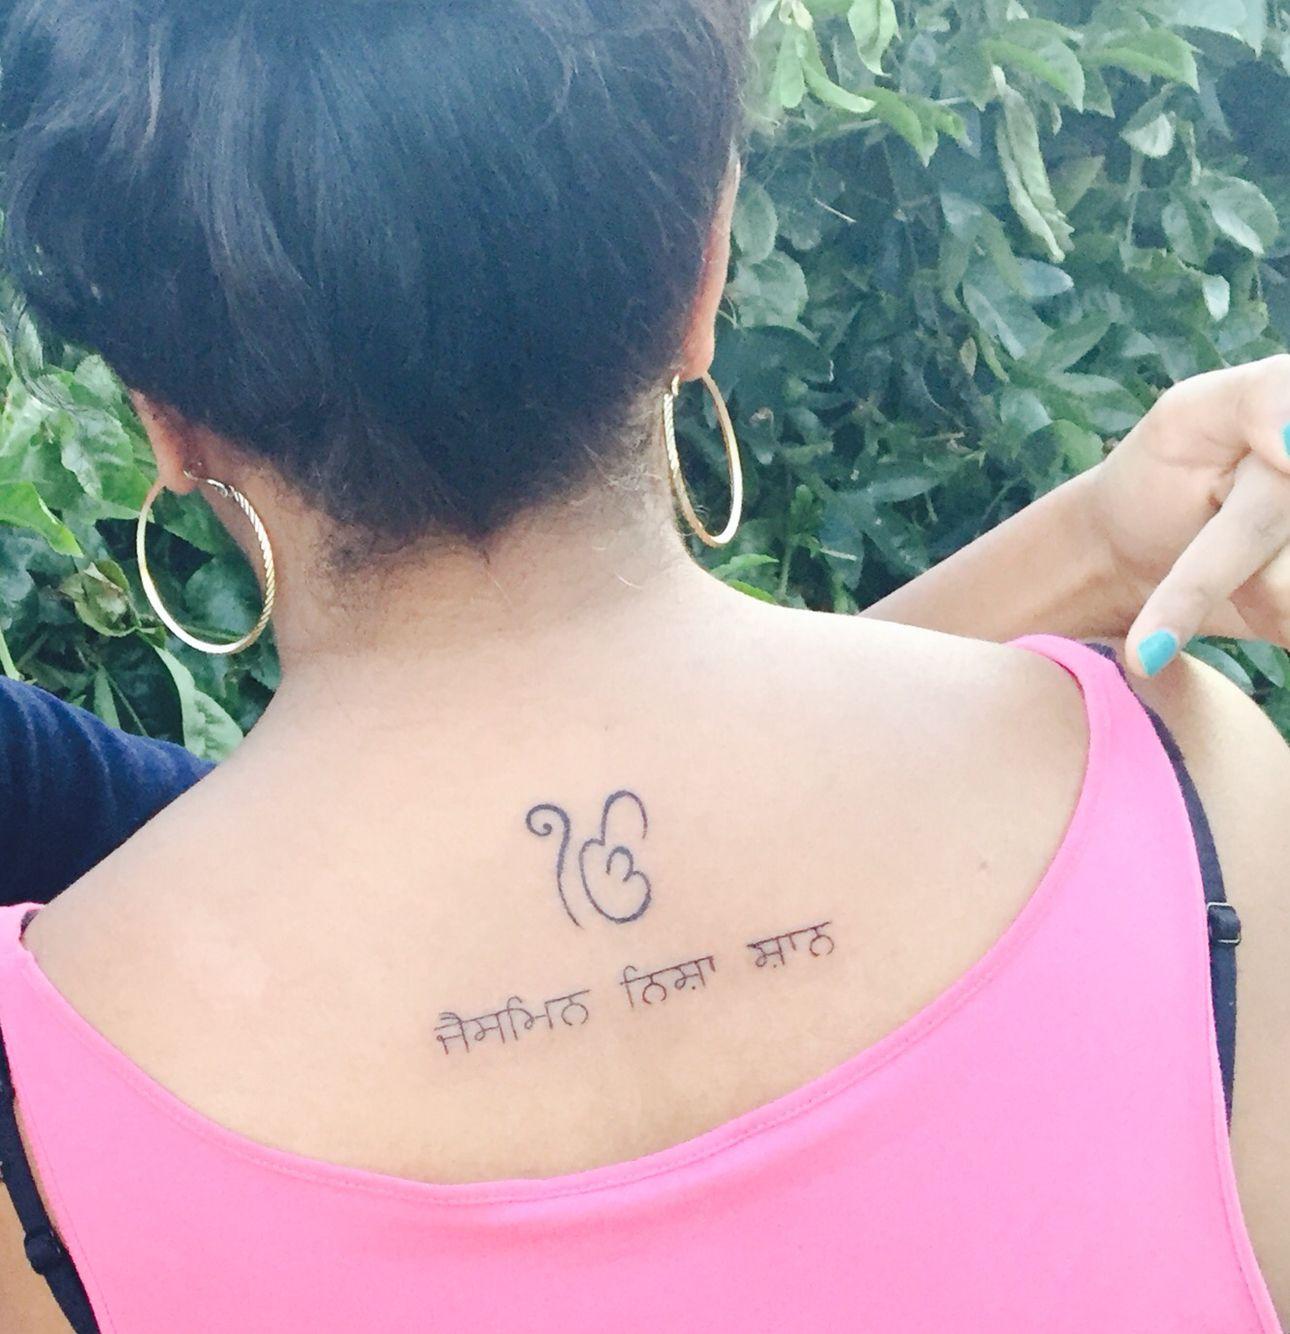 Tattoo Ideas In Punjabi: Punjabi Tattoo